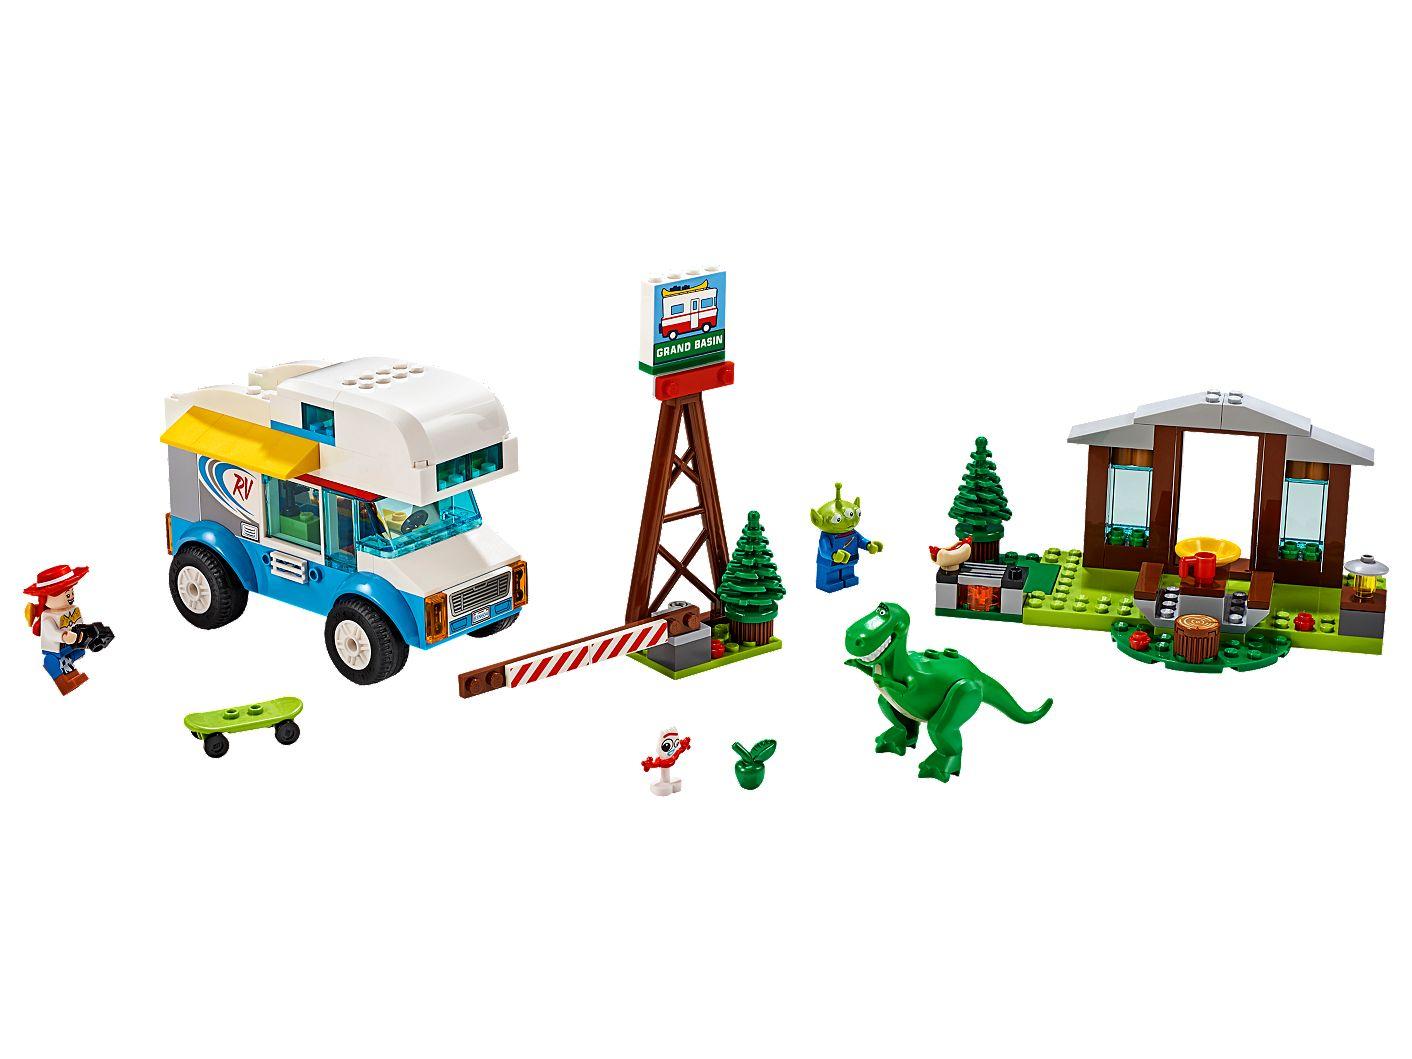 Les Ca Histoire Vr Vacances Lego® De En Officielle 10769Toy 4 Boutique Jouets Story tsdQrxhC